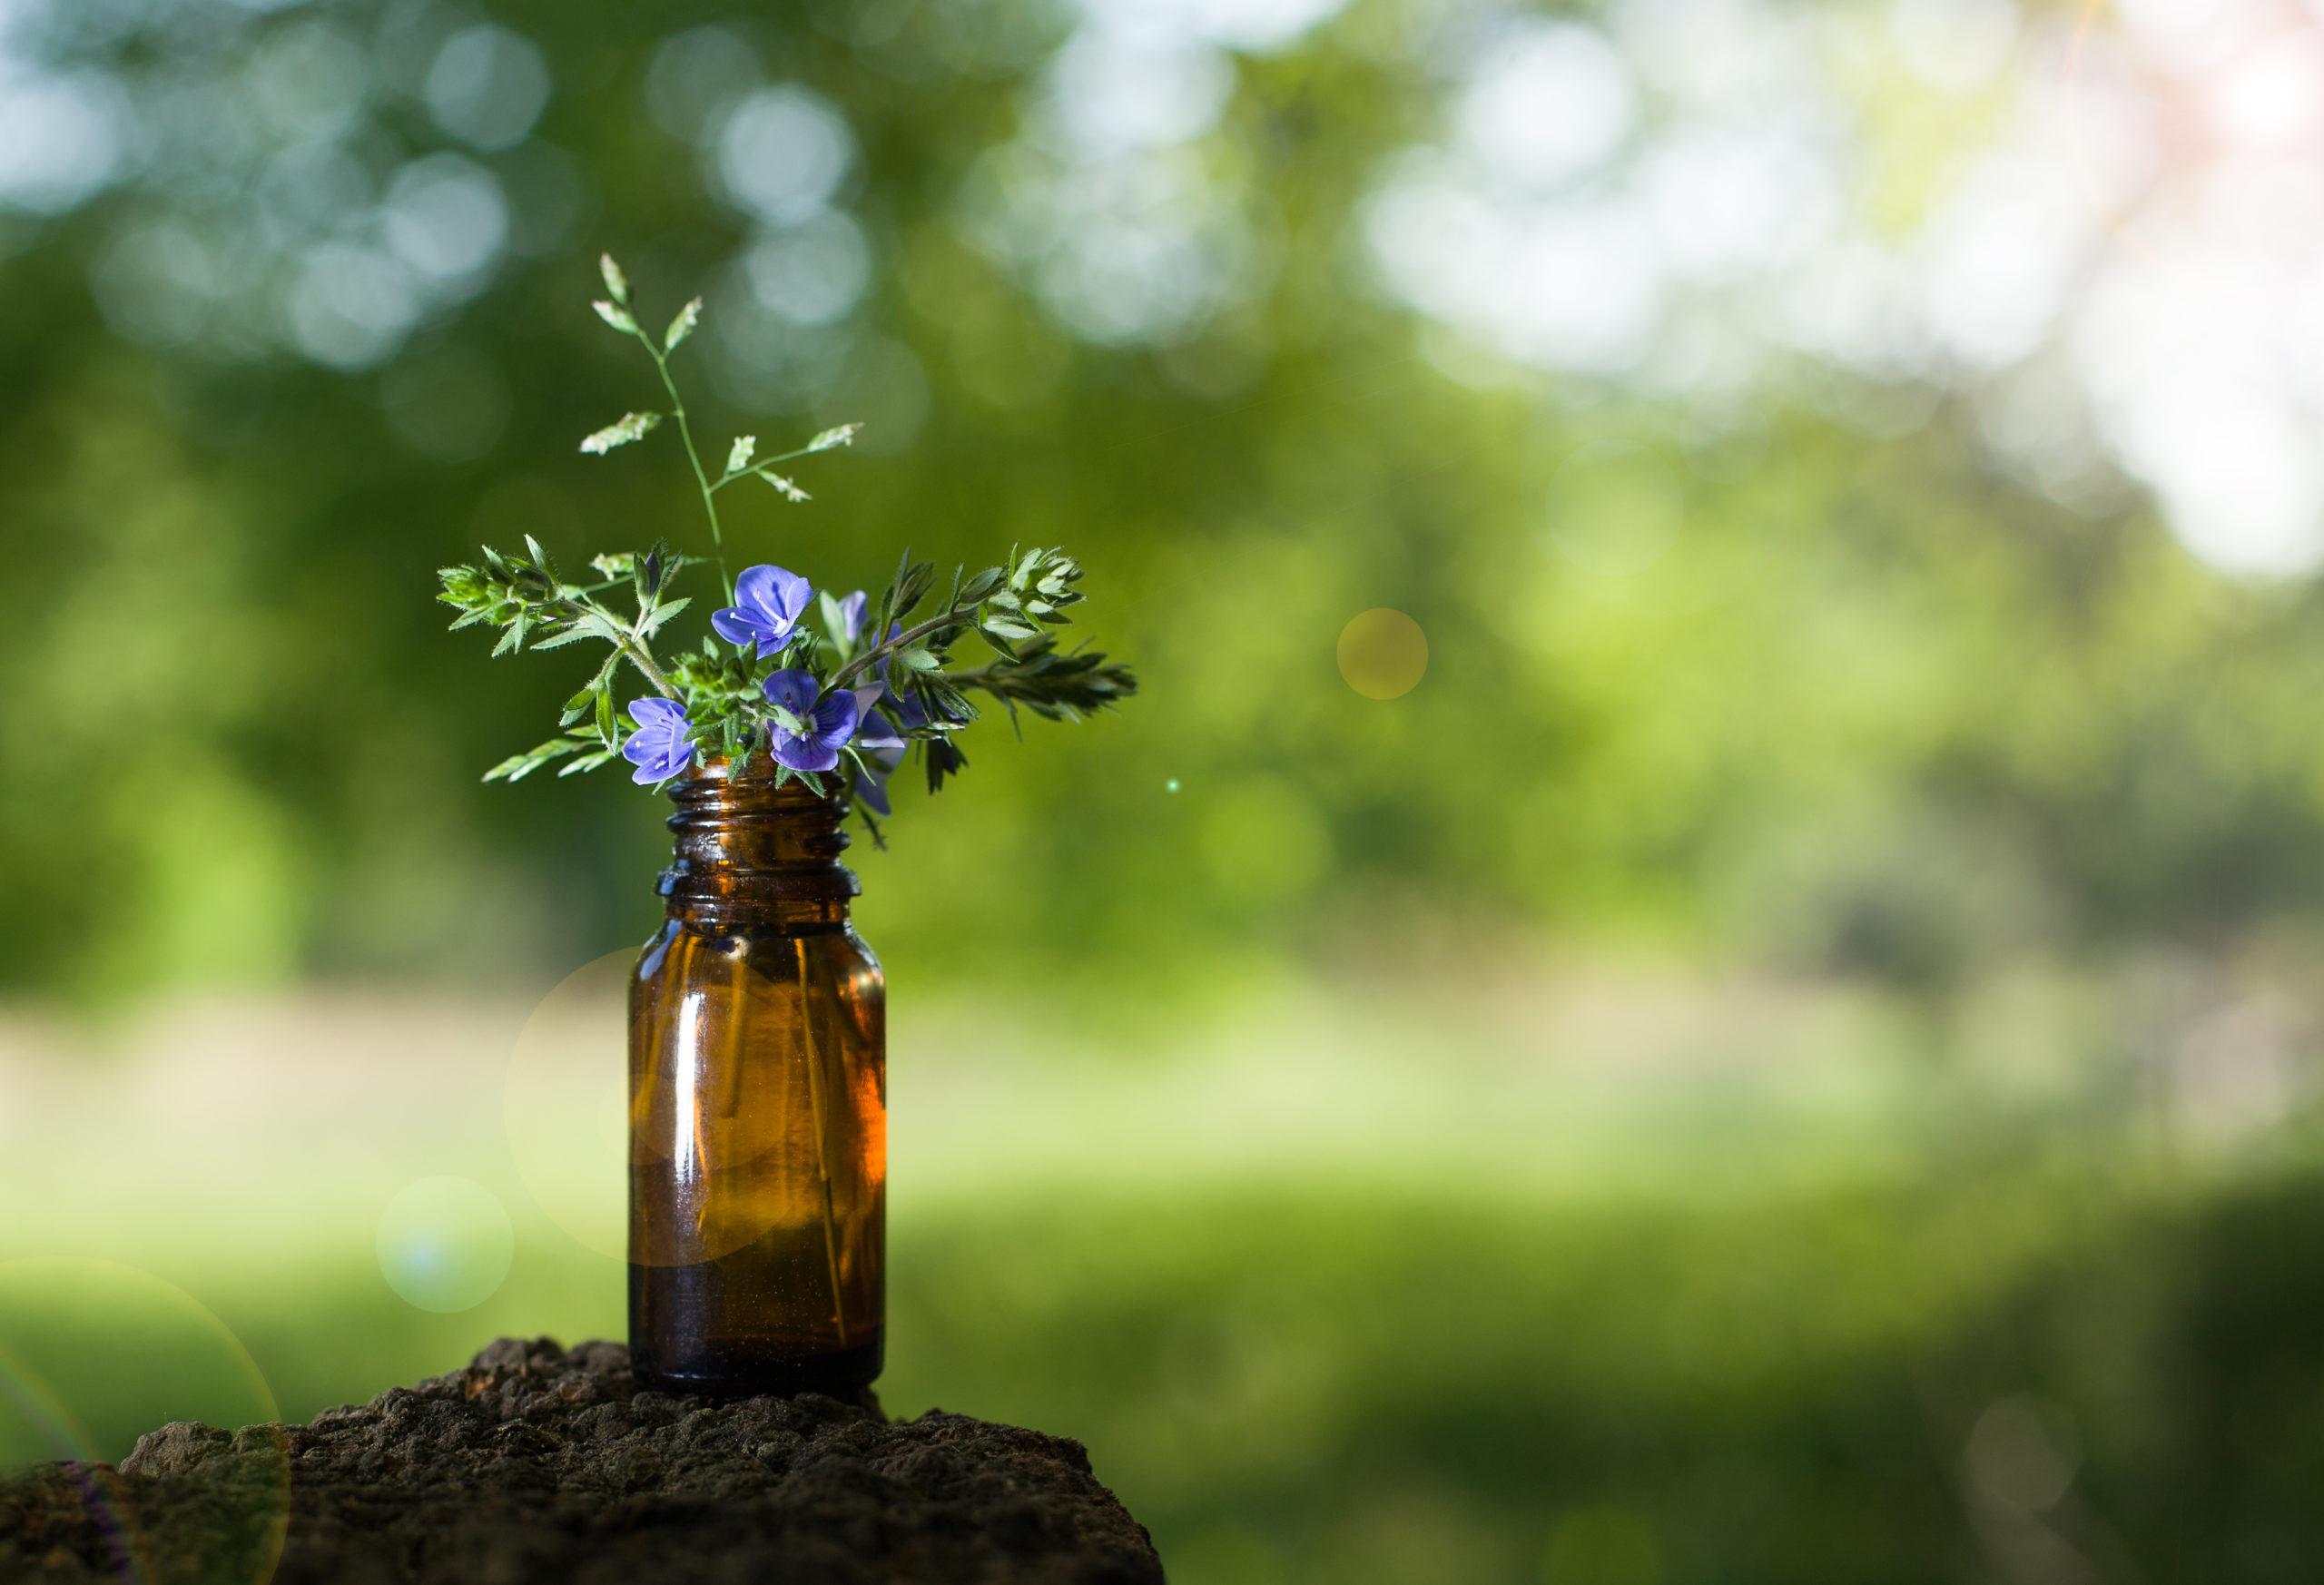 bräunliche Flasche symbolisiert Bachblütenessenz, Flasche mit blauen Blüten die in der Natur steht